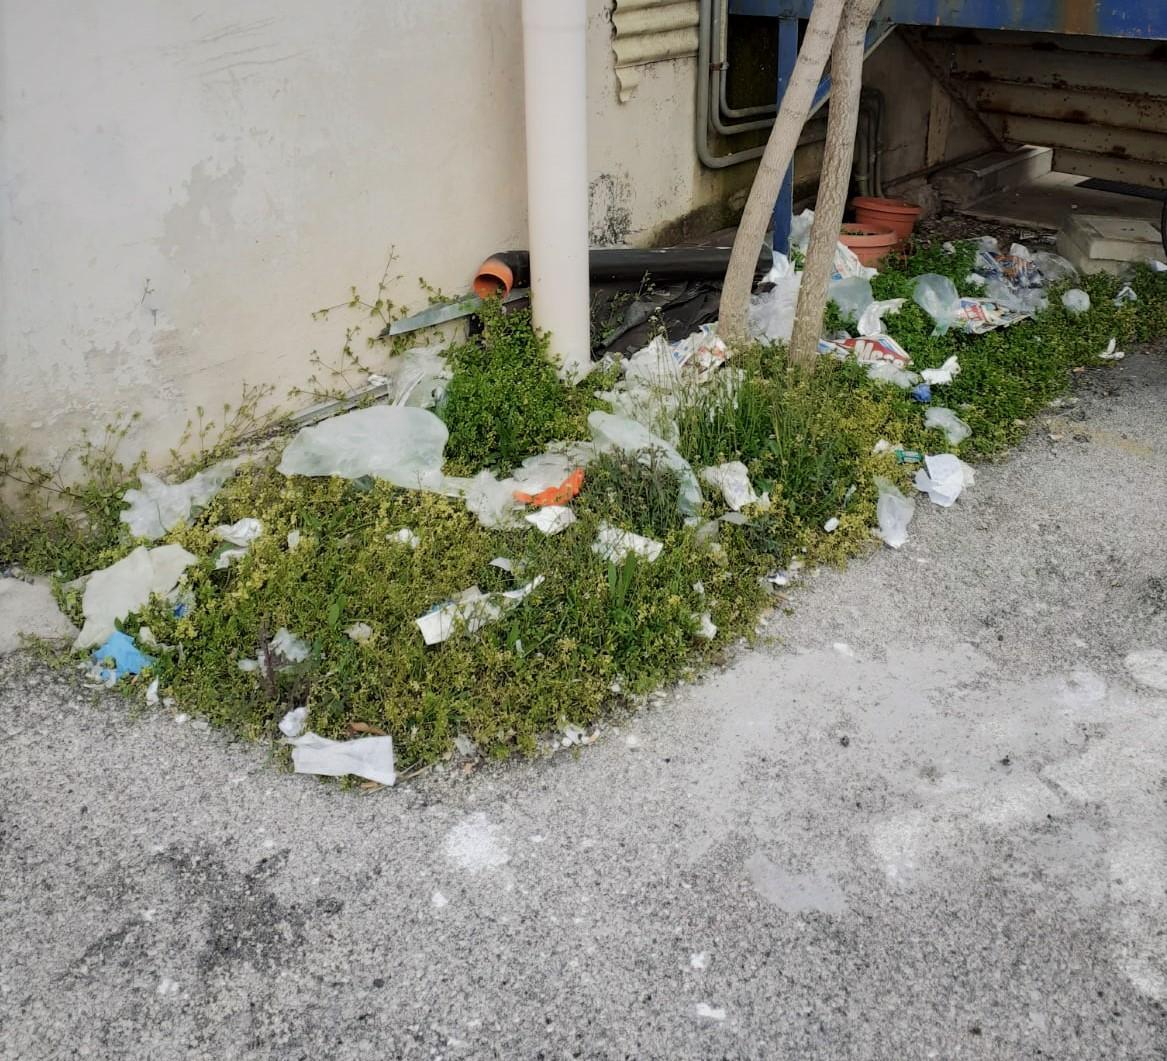 Inciviltà ai tempi del Coronavirus, sporcizia e rifiuti nei pressi di un supermercato